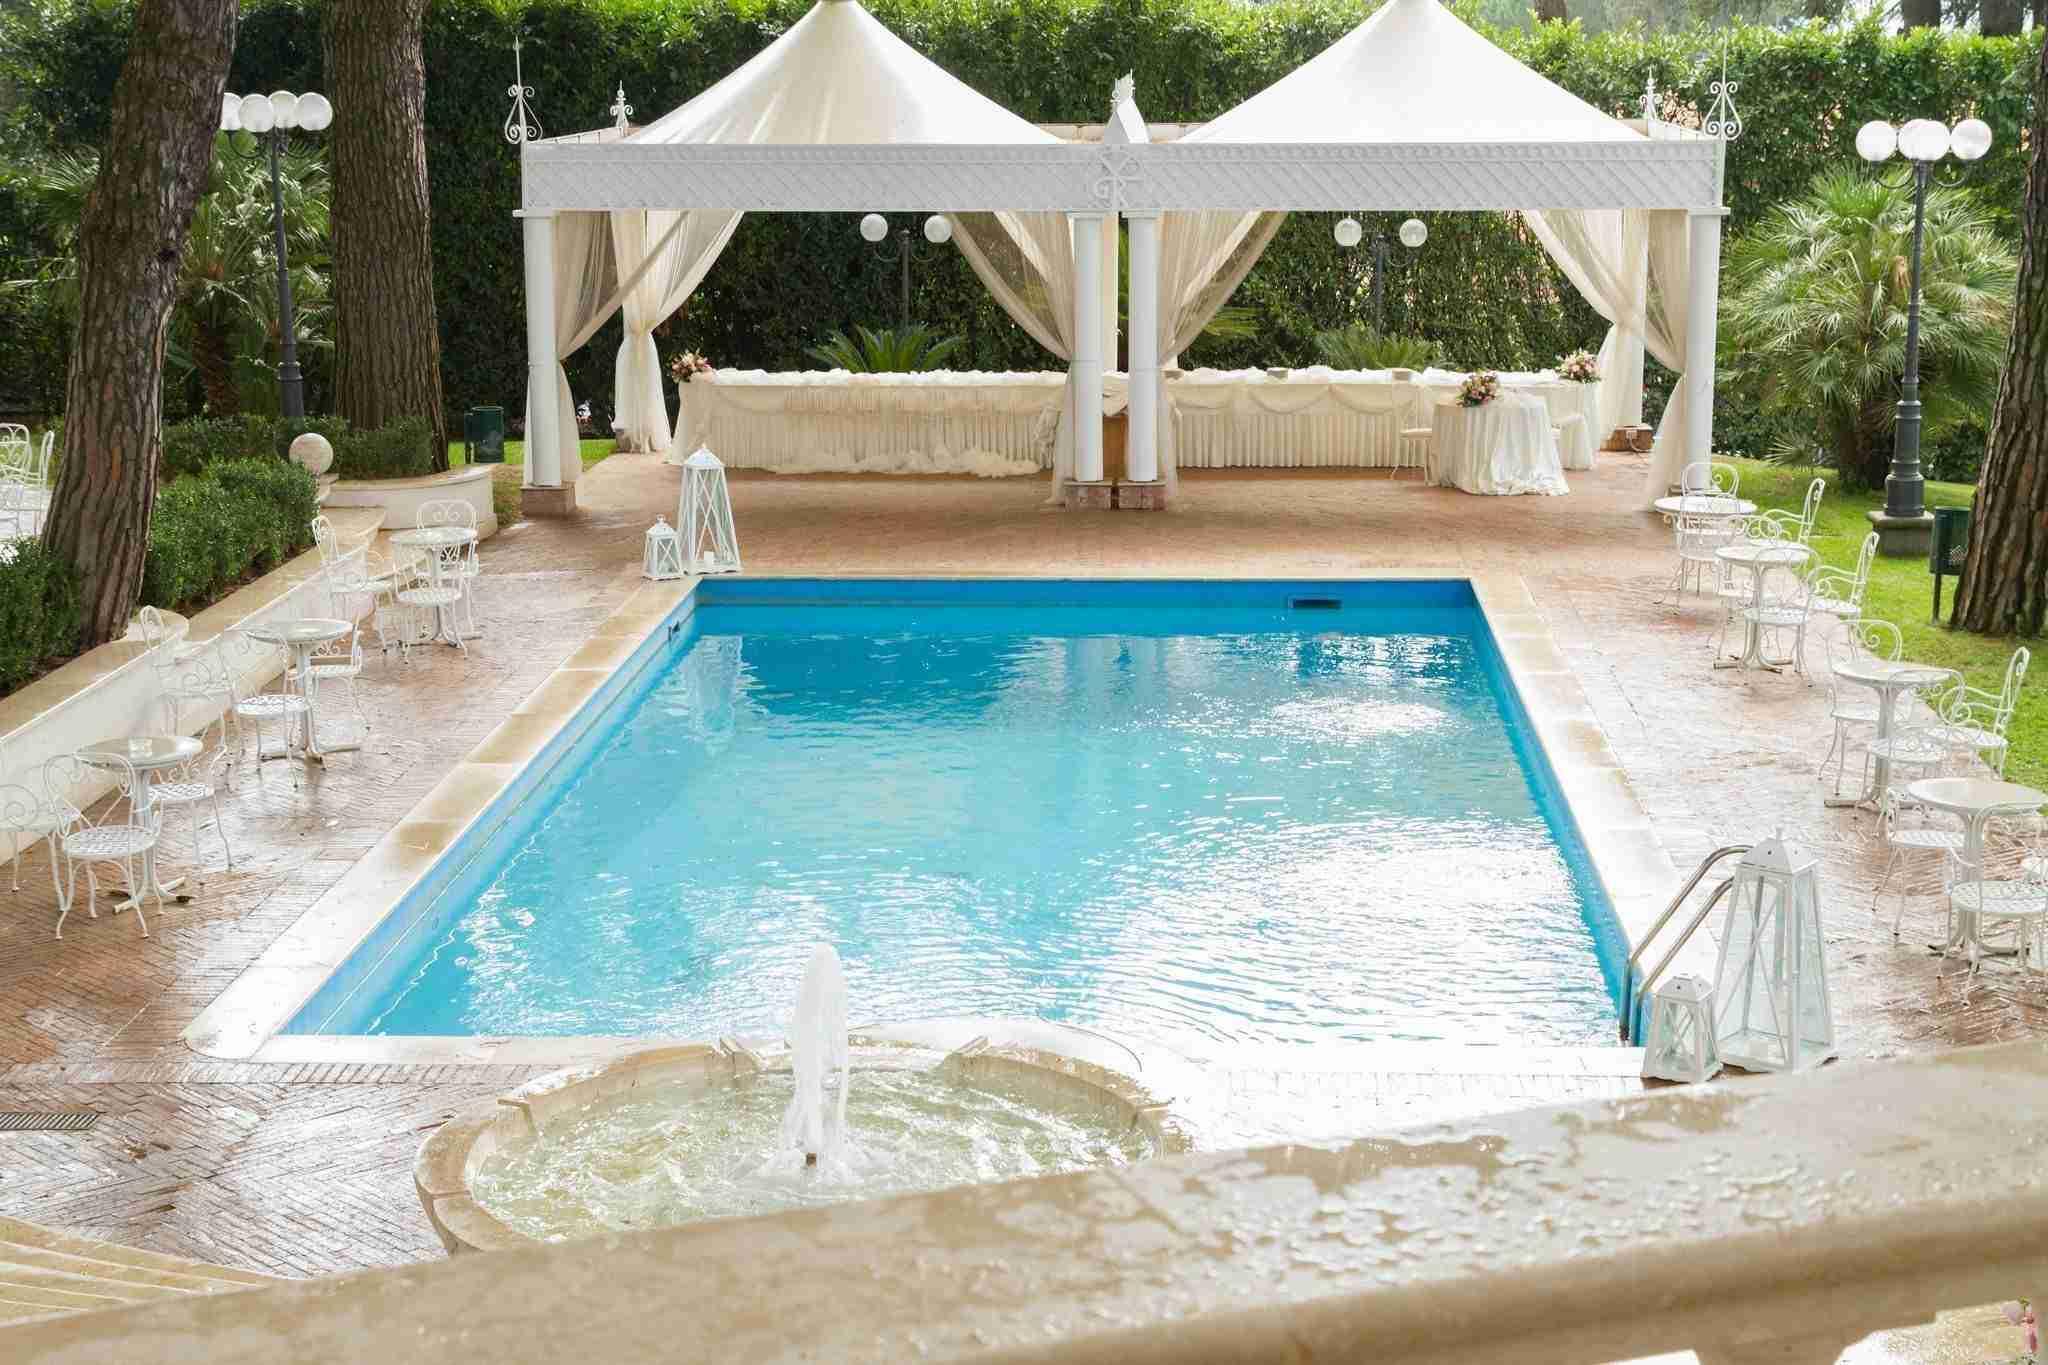 Matrimonio all'hotel villa Ferrata: esterno, giardino con piscina